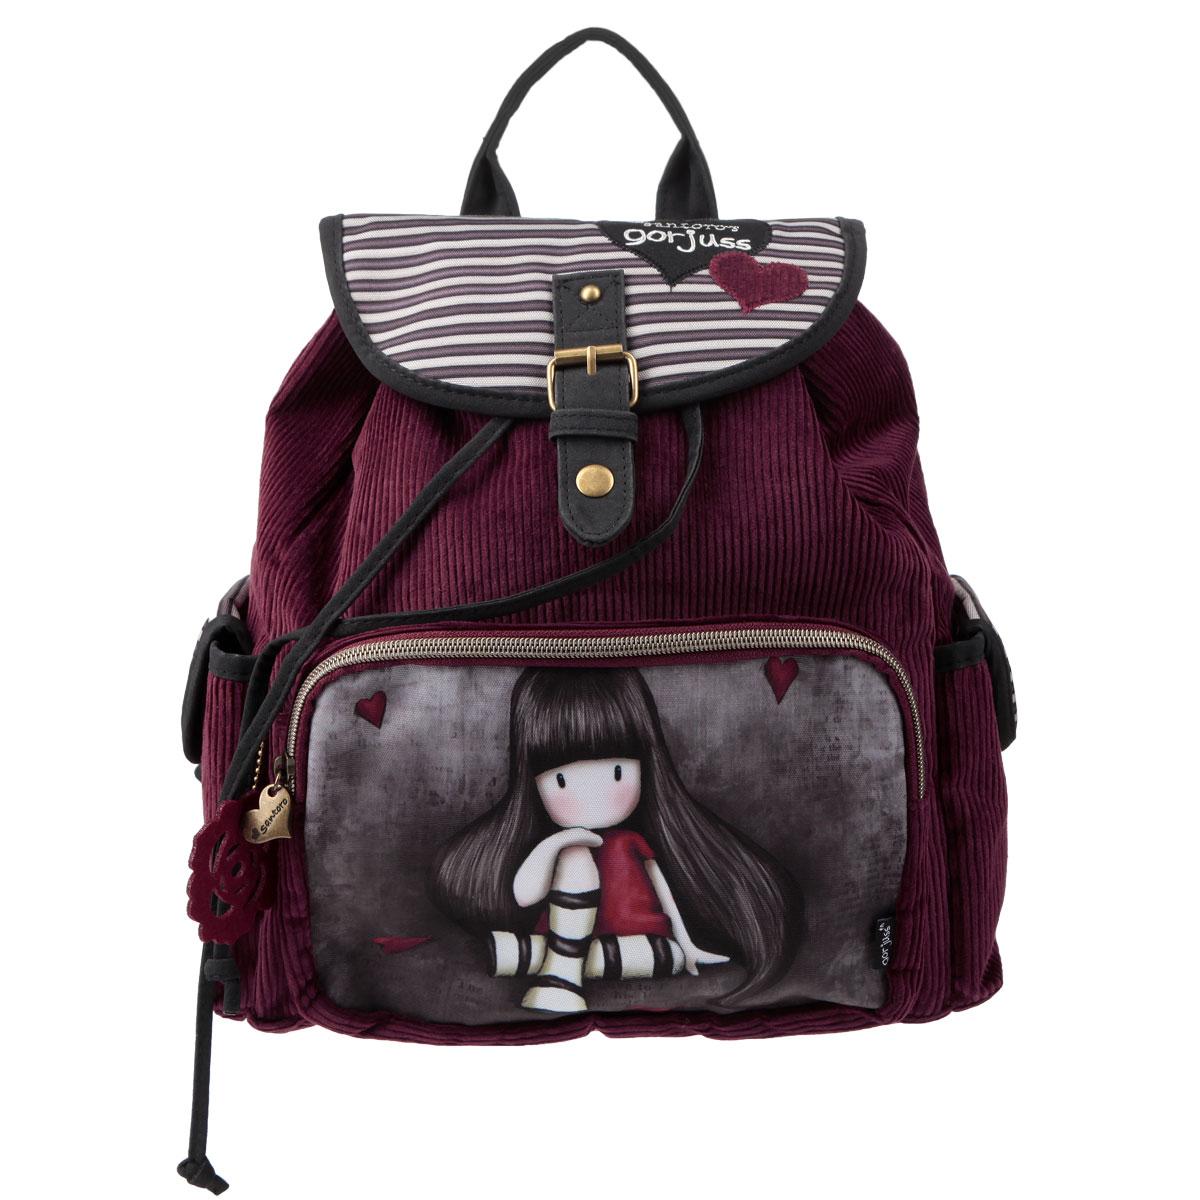 Рюкзак молодежный Santoro Gorjuss, цвет: бордовый, серыйGSBB-UT1-534Стильный рюкзак Santoro Gorjuss для очаровательной модницы с трогательным принтом - это идеальная модель для учебы или отдыха. Легкий и удобный рюкзак станет незаменимым аксессуаром. Вместительное внутреннее отделение закрывается клапаном на кнопке и шнурком, в него поместятся все необходимые школьные принадлежности. Дополнительный фронтальный карман закрывается на молнию с металлическим замком в форме сердечка и предназначен для средних и мелких предметов, боковые кармашки закрываются на кнопки. Внутреннее отделение содержит дополнительный карман на молнии и два небольших открытых кармана. Лямки рюкзака свободно регулируются по длине, обеспечивая удобство и комфорт, ручка сверху позволяет с легкостью носить его в руках. Лаконичный и сдержанный дизайн подчеркнет индивидуальность и порадует своей функциональностью.